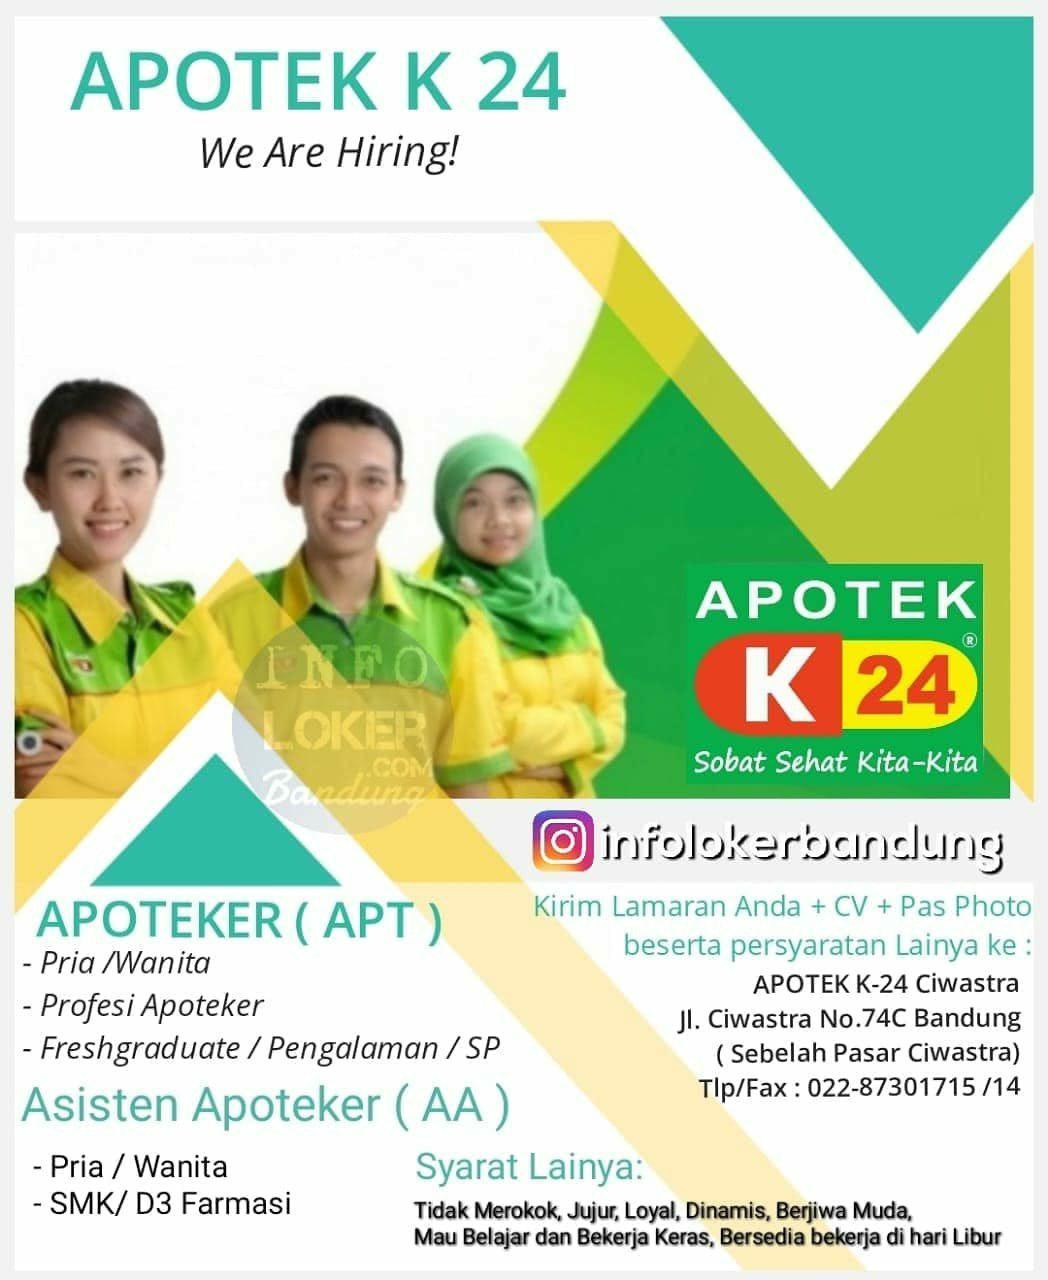 Lowongan Kerja Apotek K24 Ciwastra Bandung Desember 2019